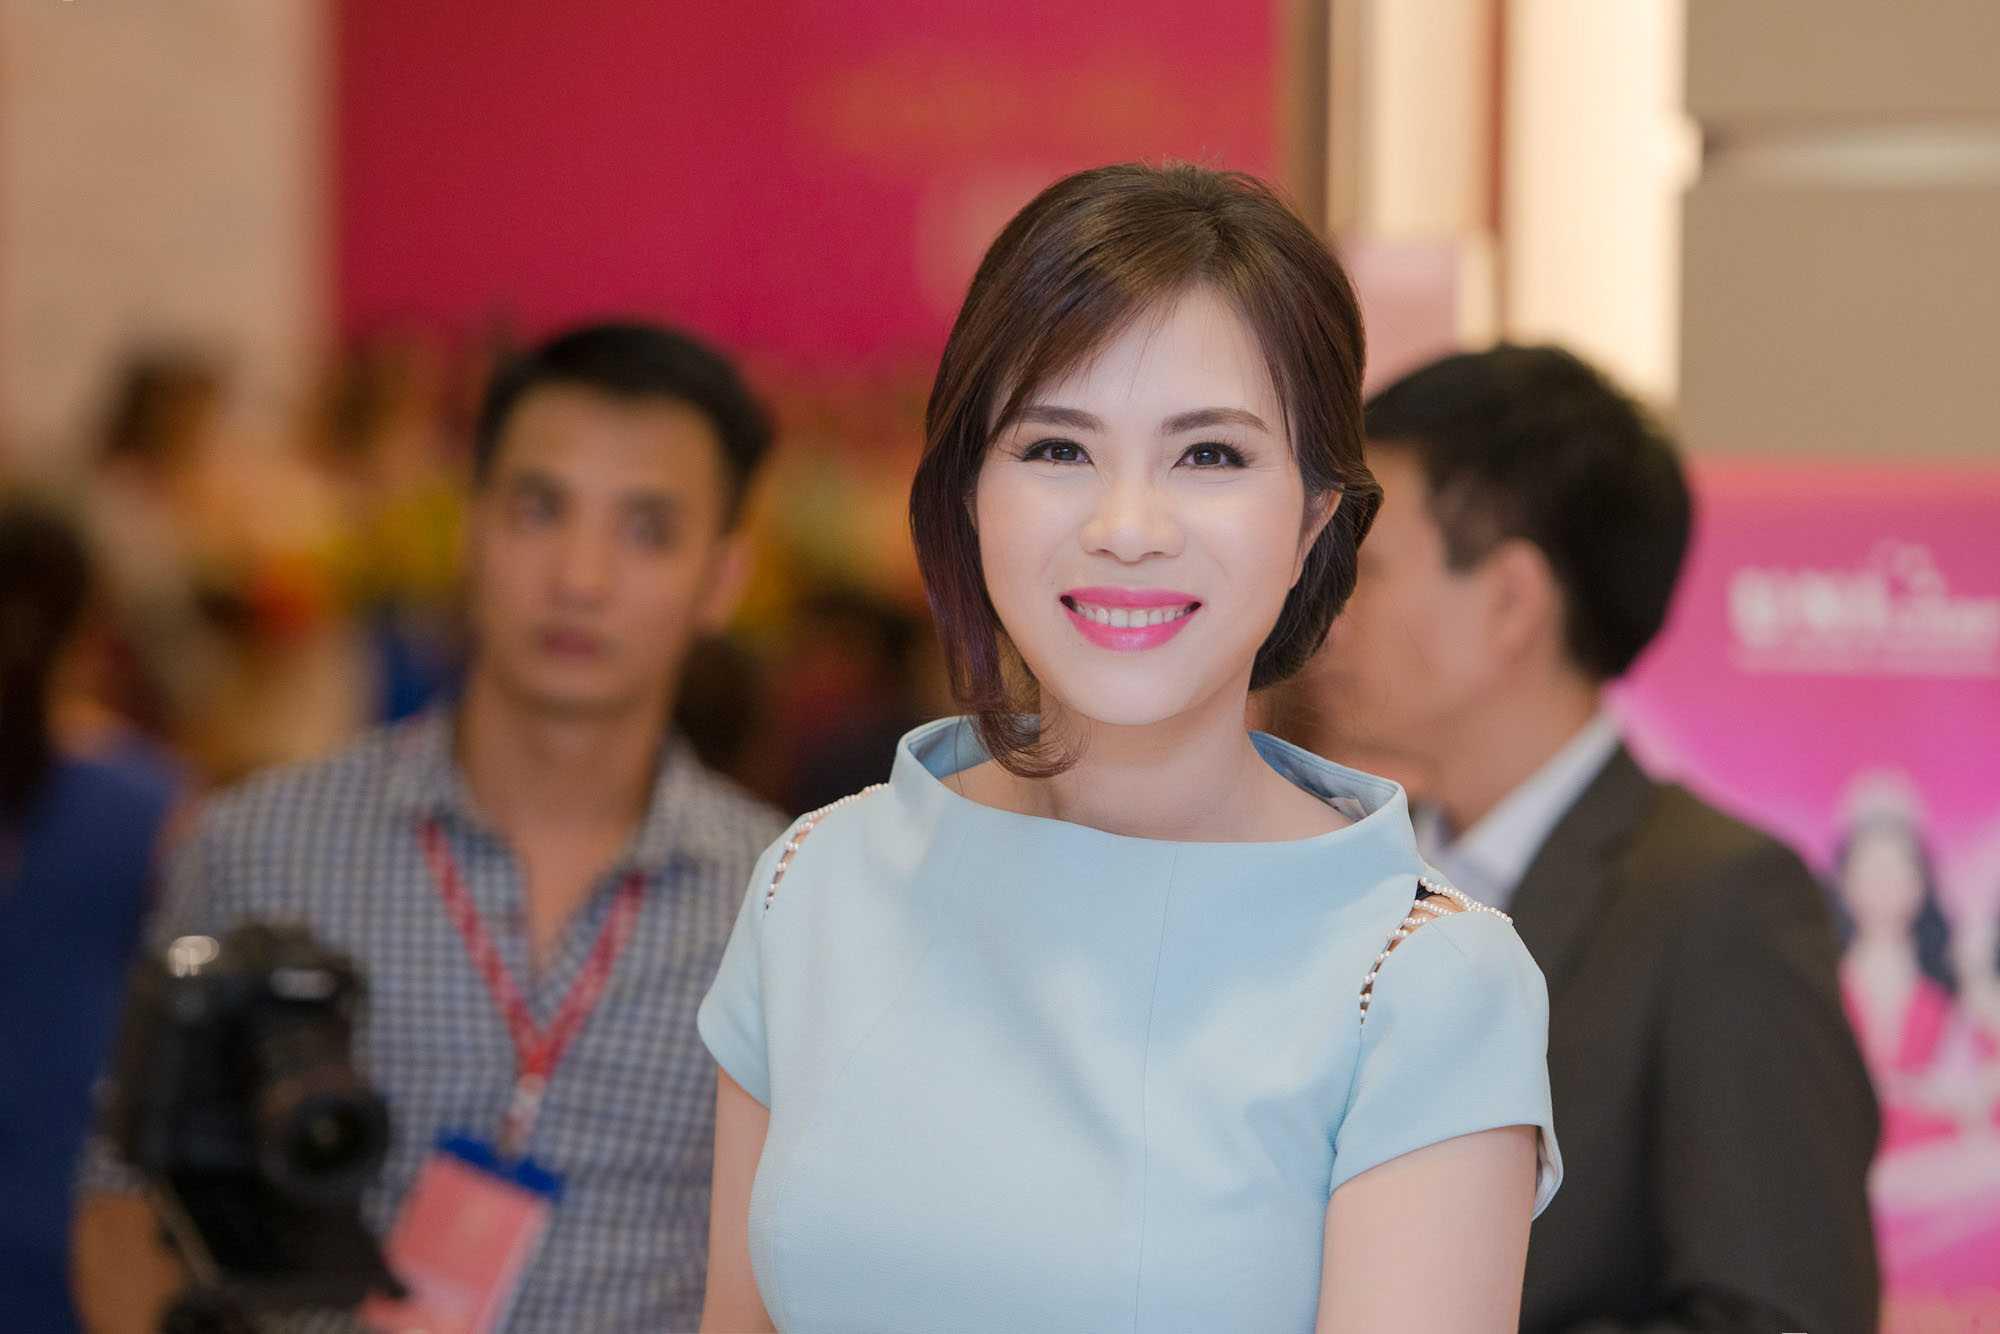 Giám khảo của Fashion Star - Bà Lưu Nga - người có trình độ và sự am hiểu về thời trang đã được mời vào vị trí Cố vấn thời trang cho các thí sinh cuộc thi Hoa Hậu Hoàn Vũ 2015.